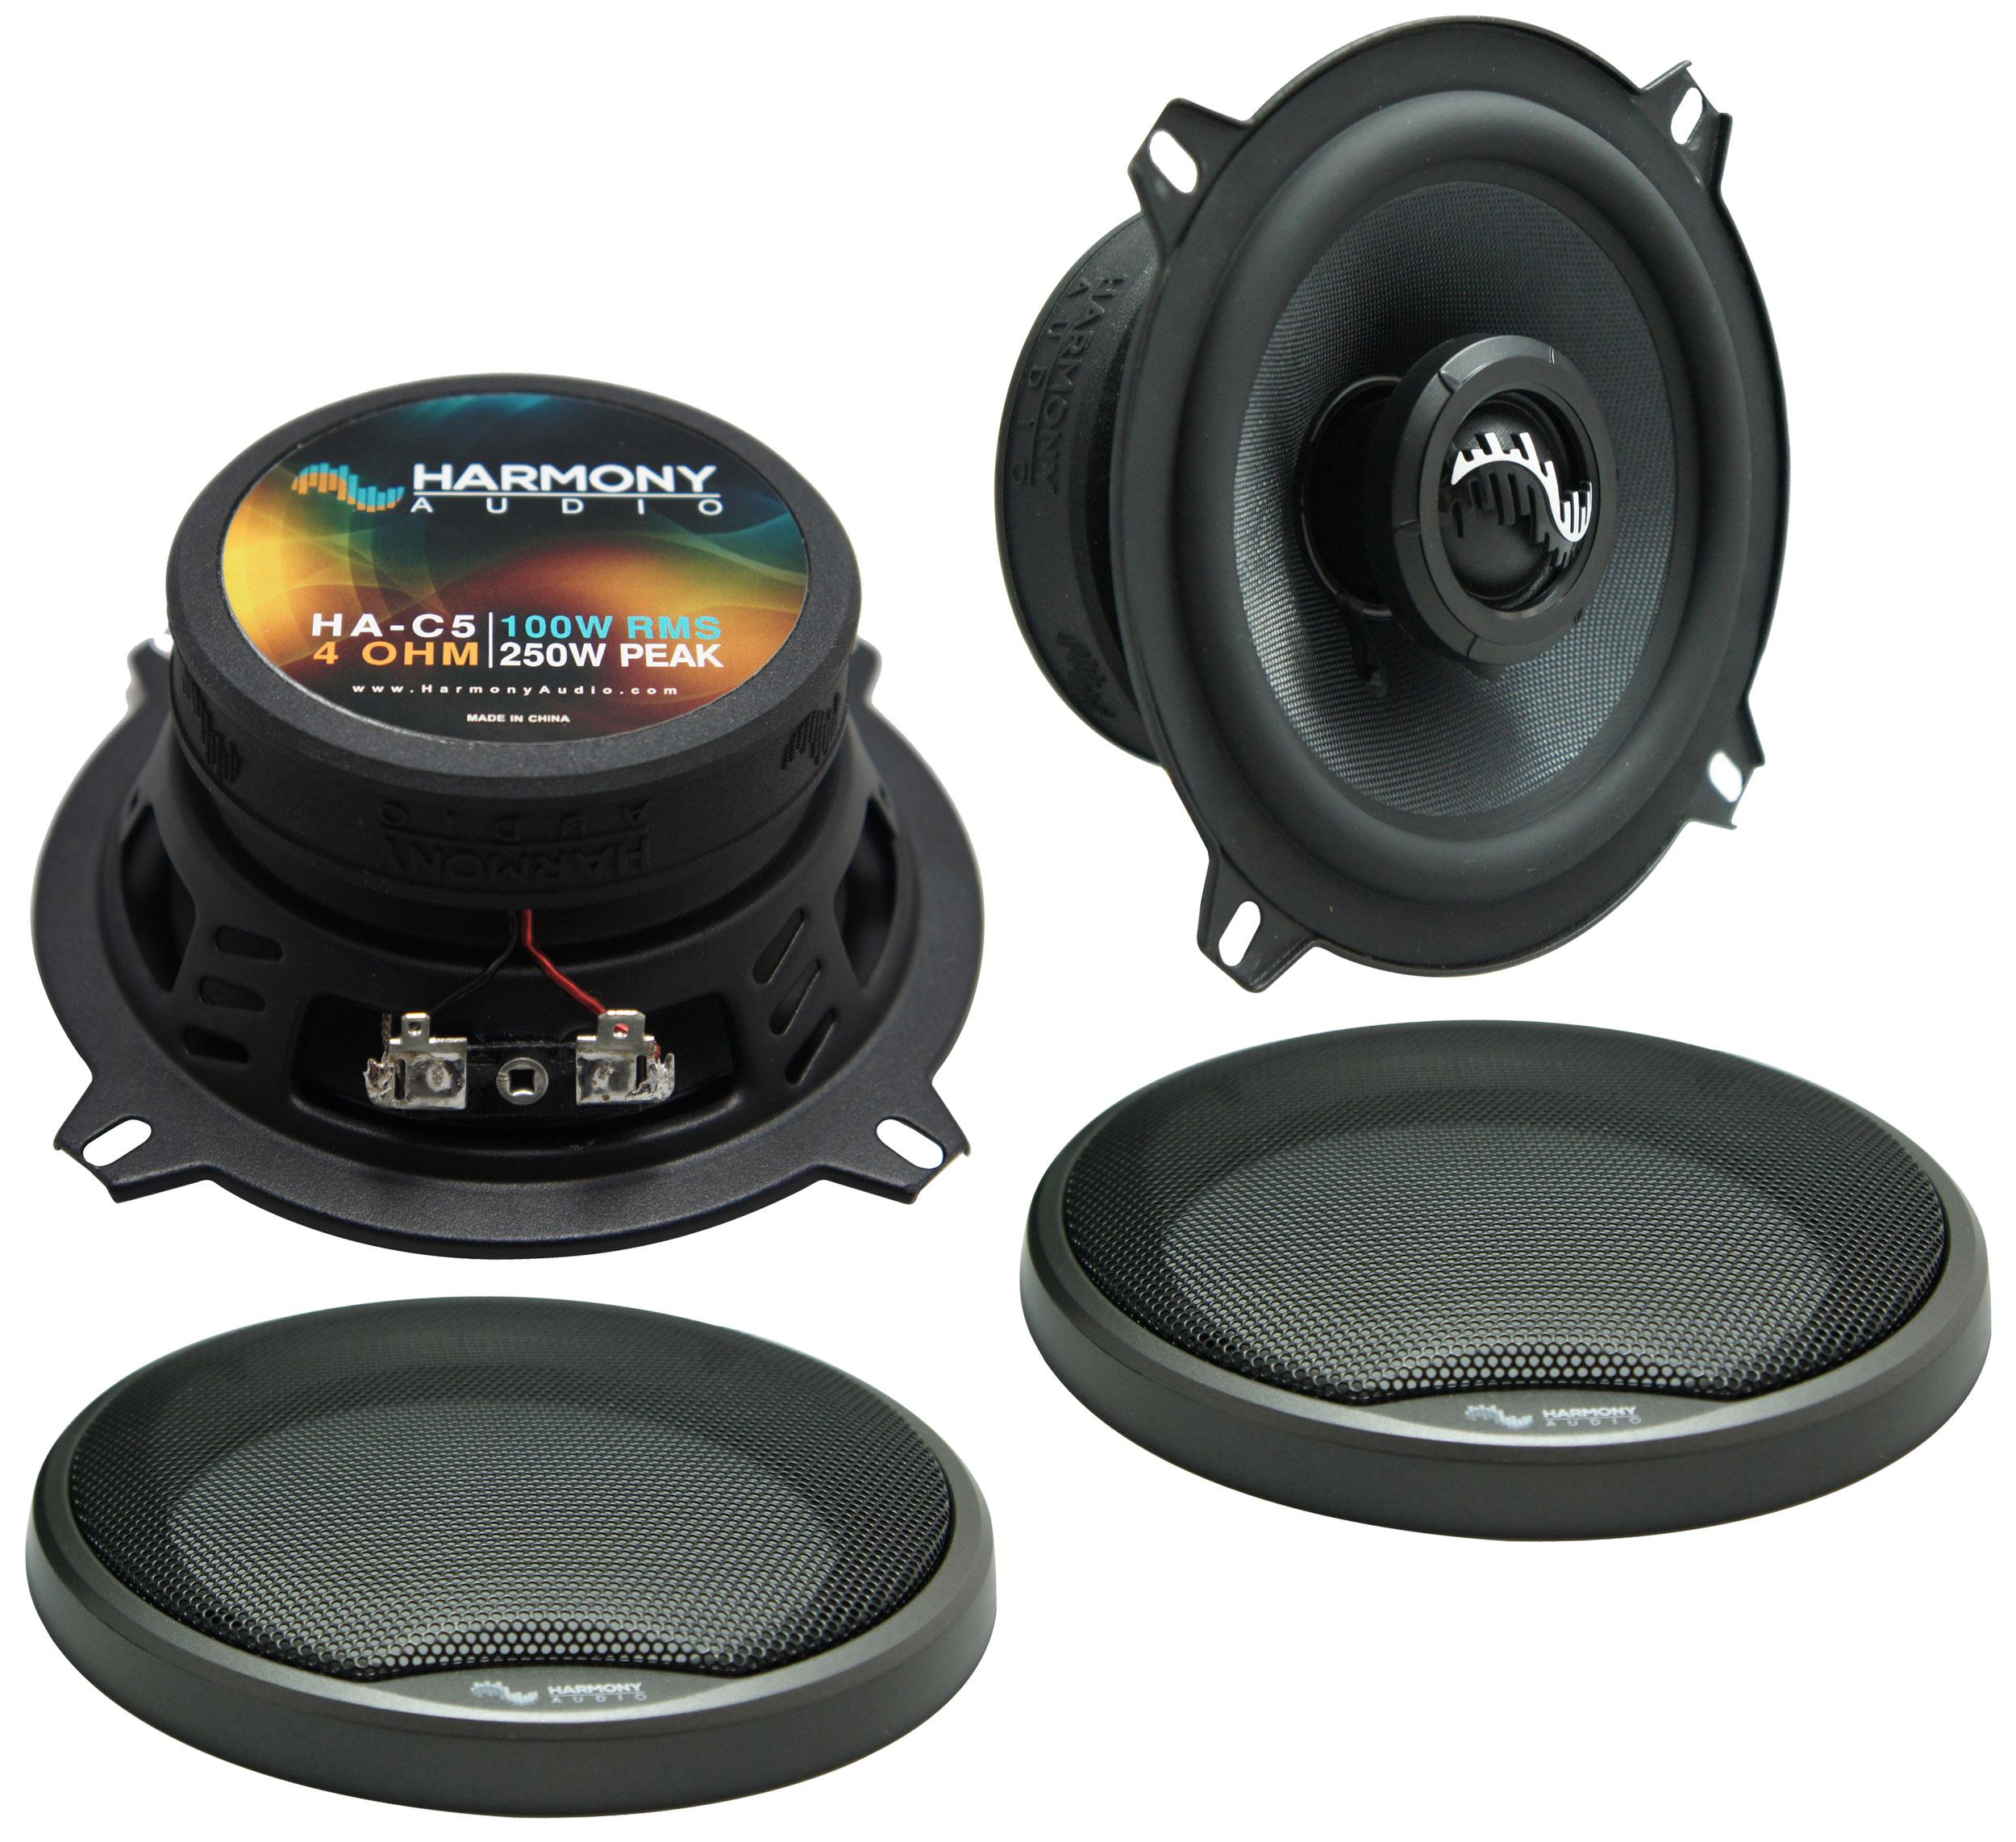 Fits Chevy Aveo Sedan 2007-2008 Front Door Replacement HA-C5 Premium Speakers New